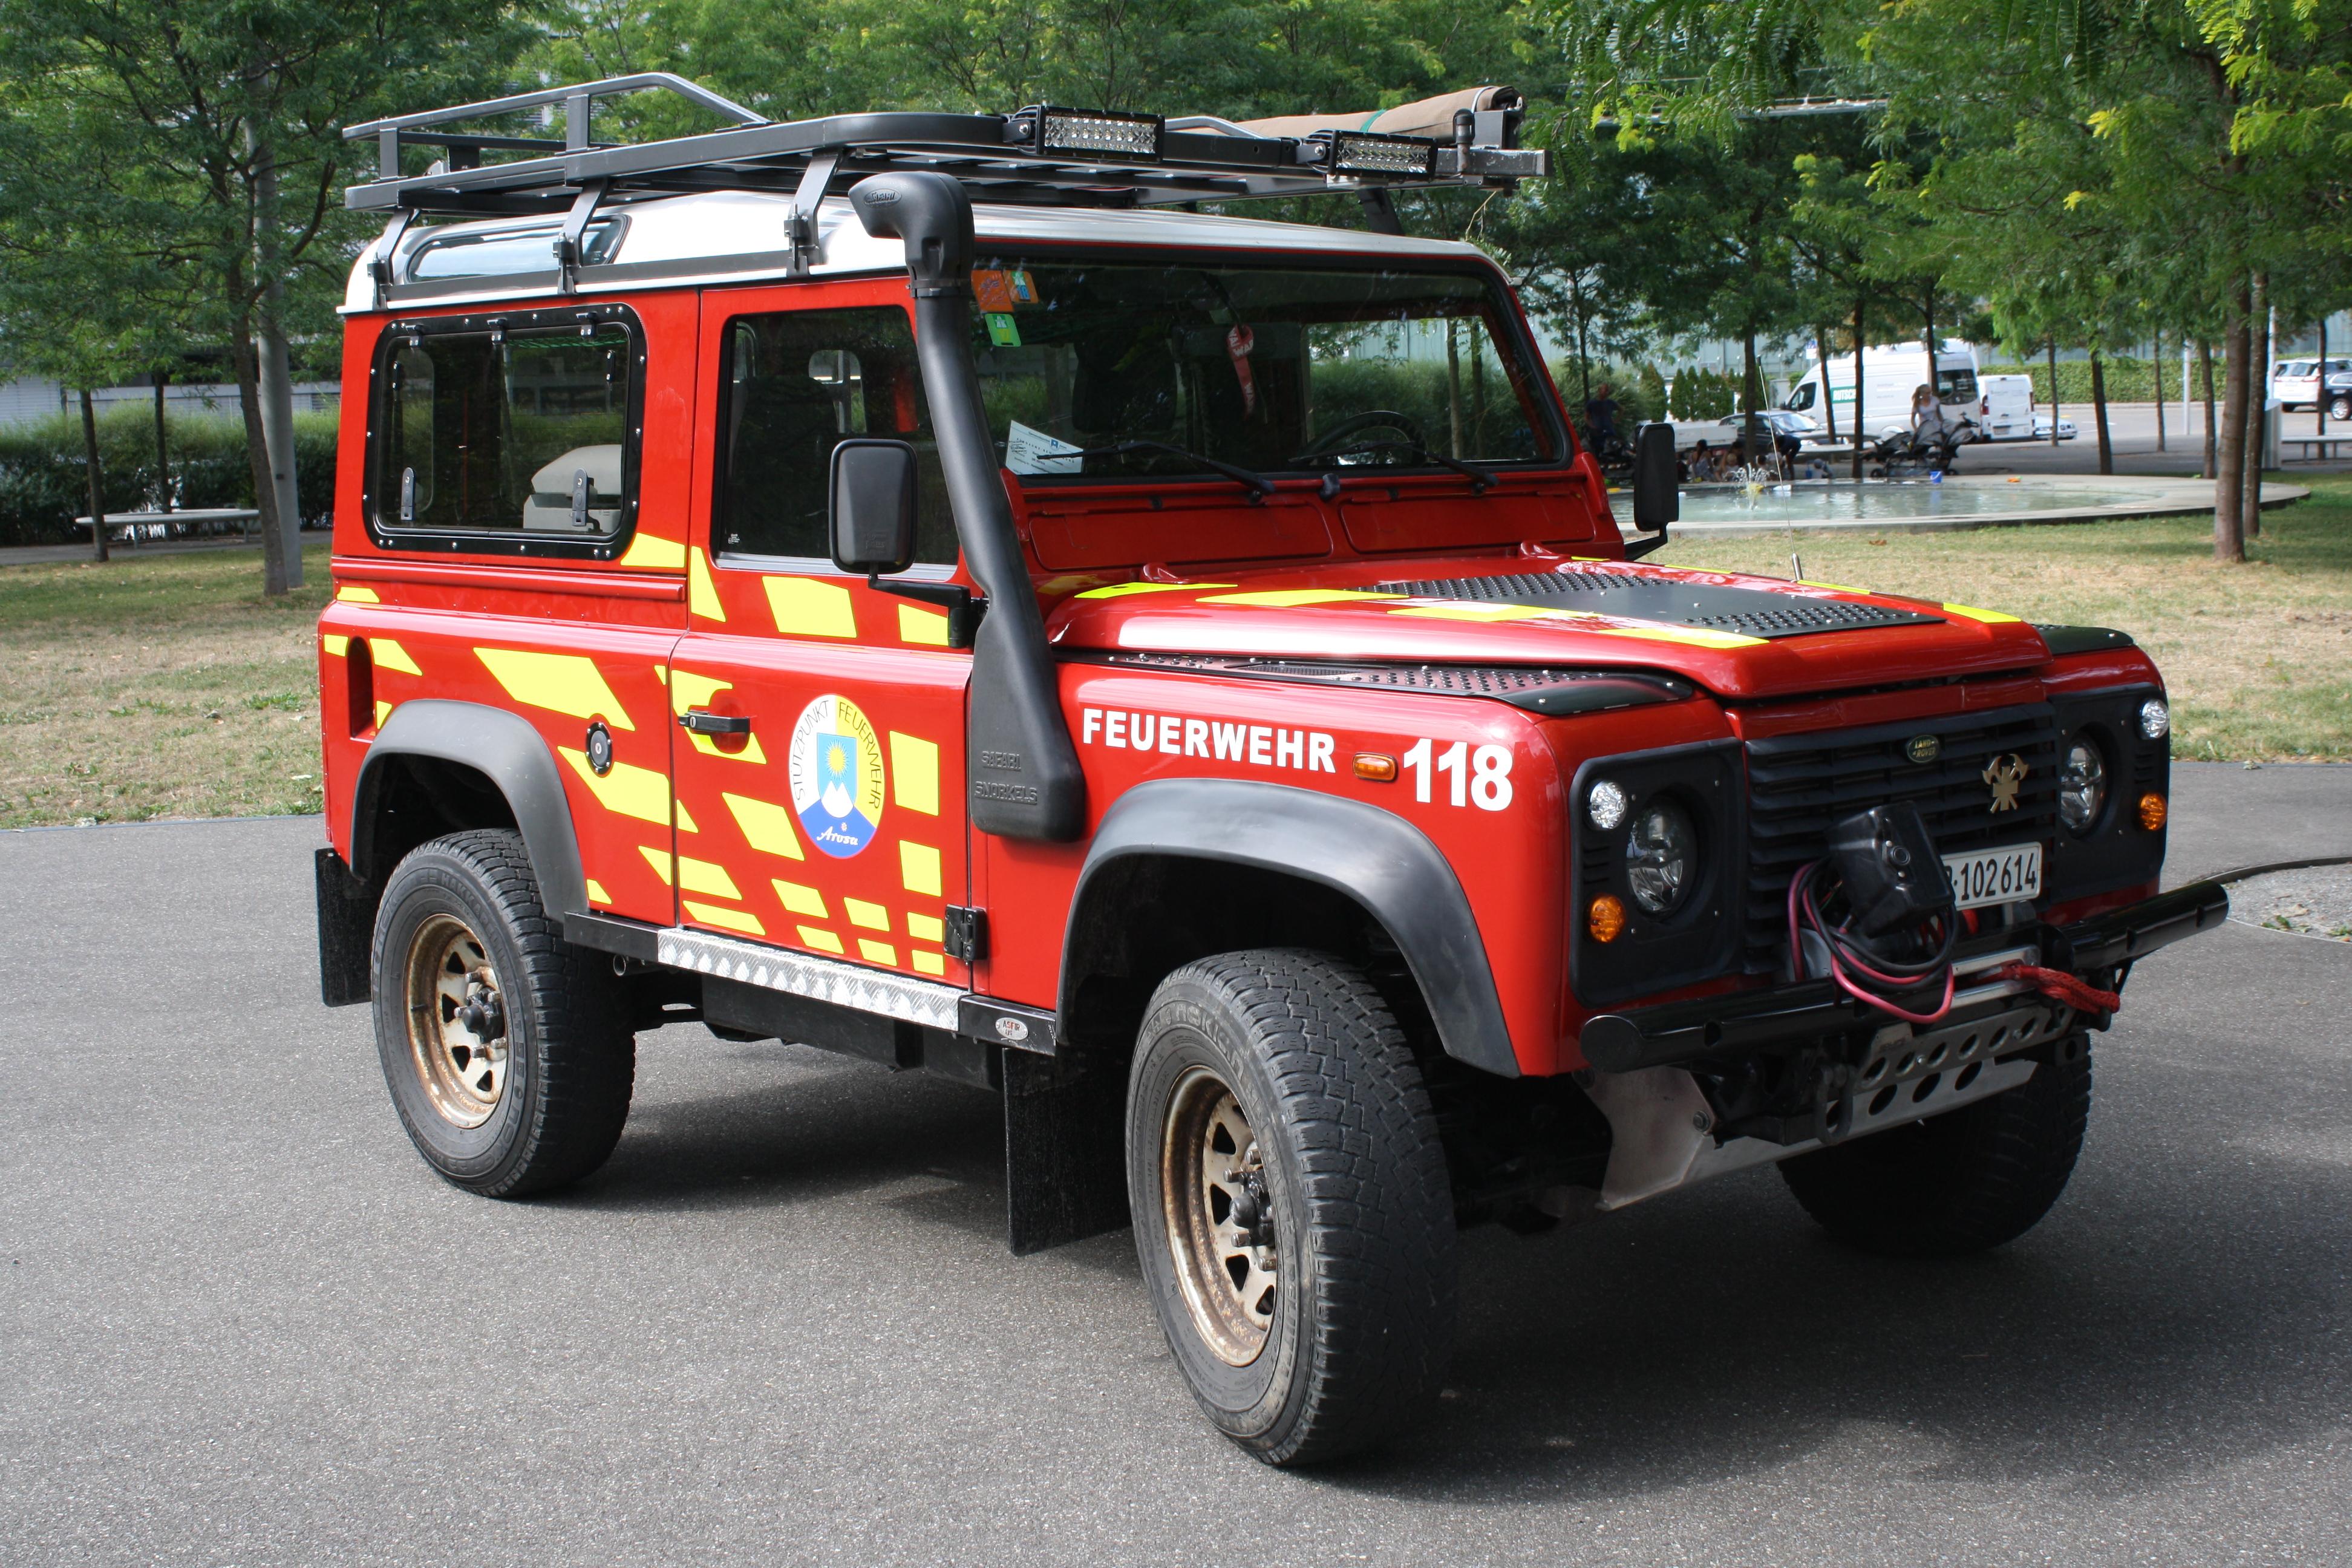 Feuerwehr Arosa